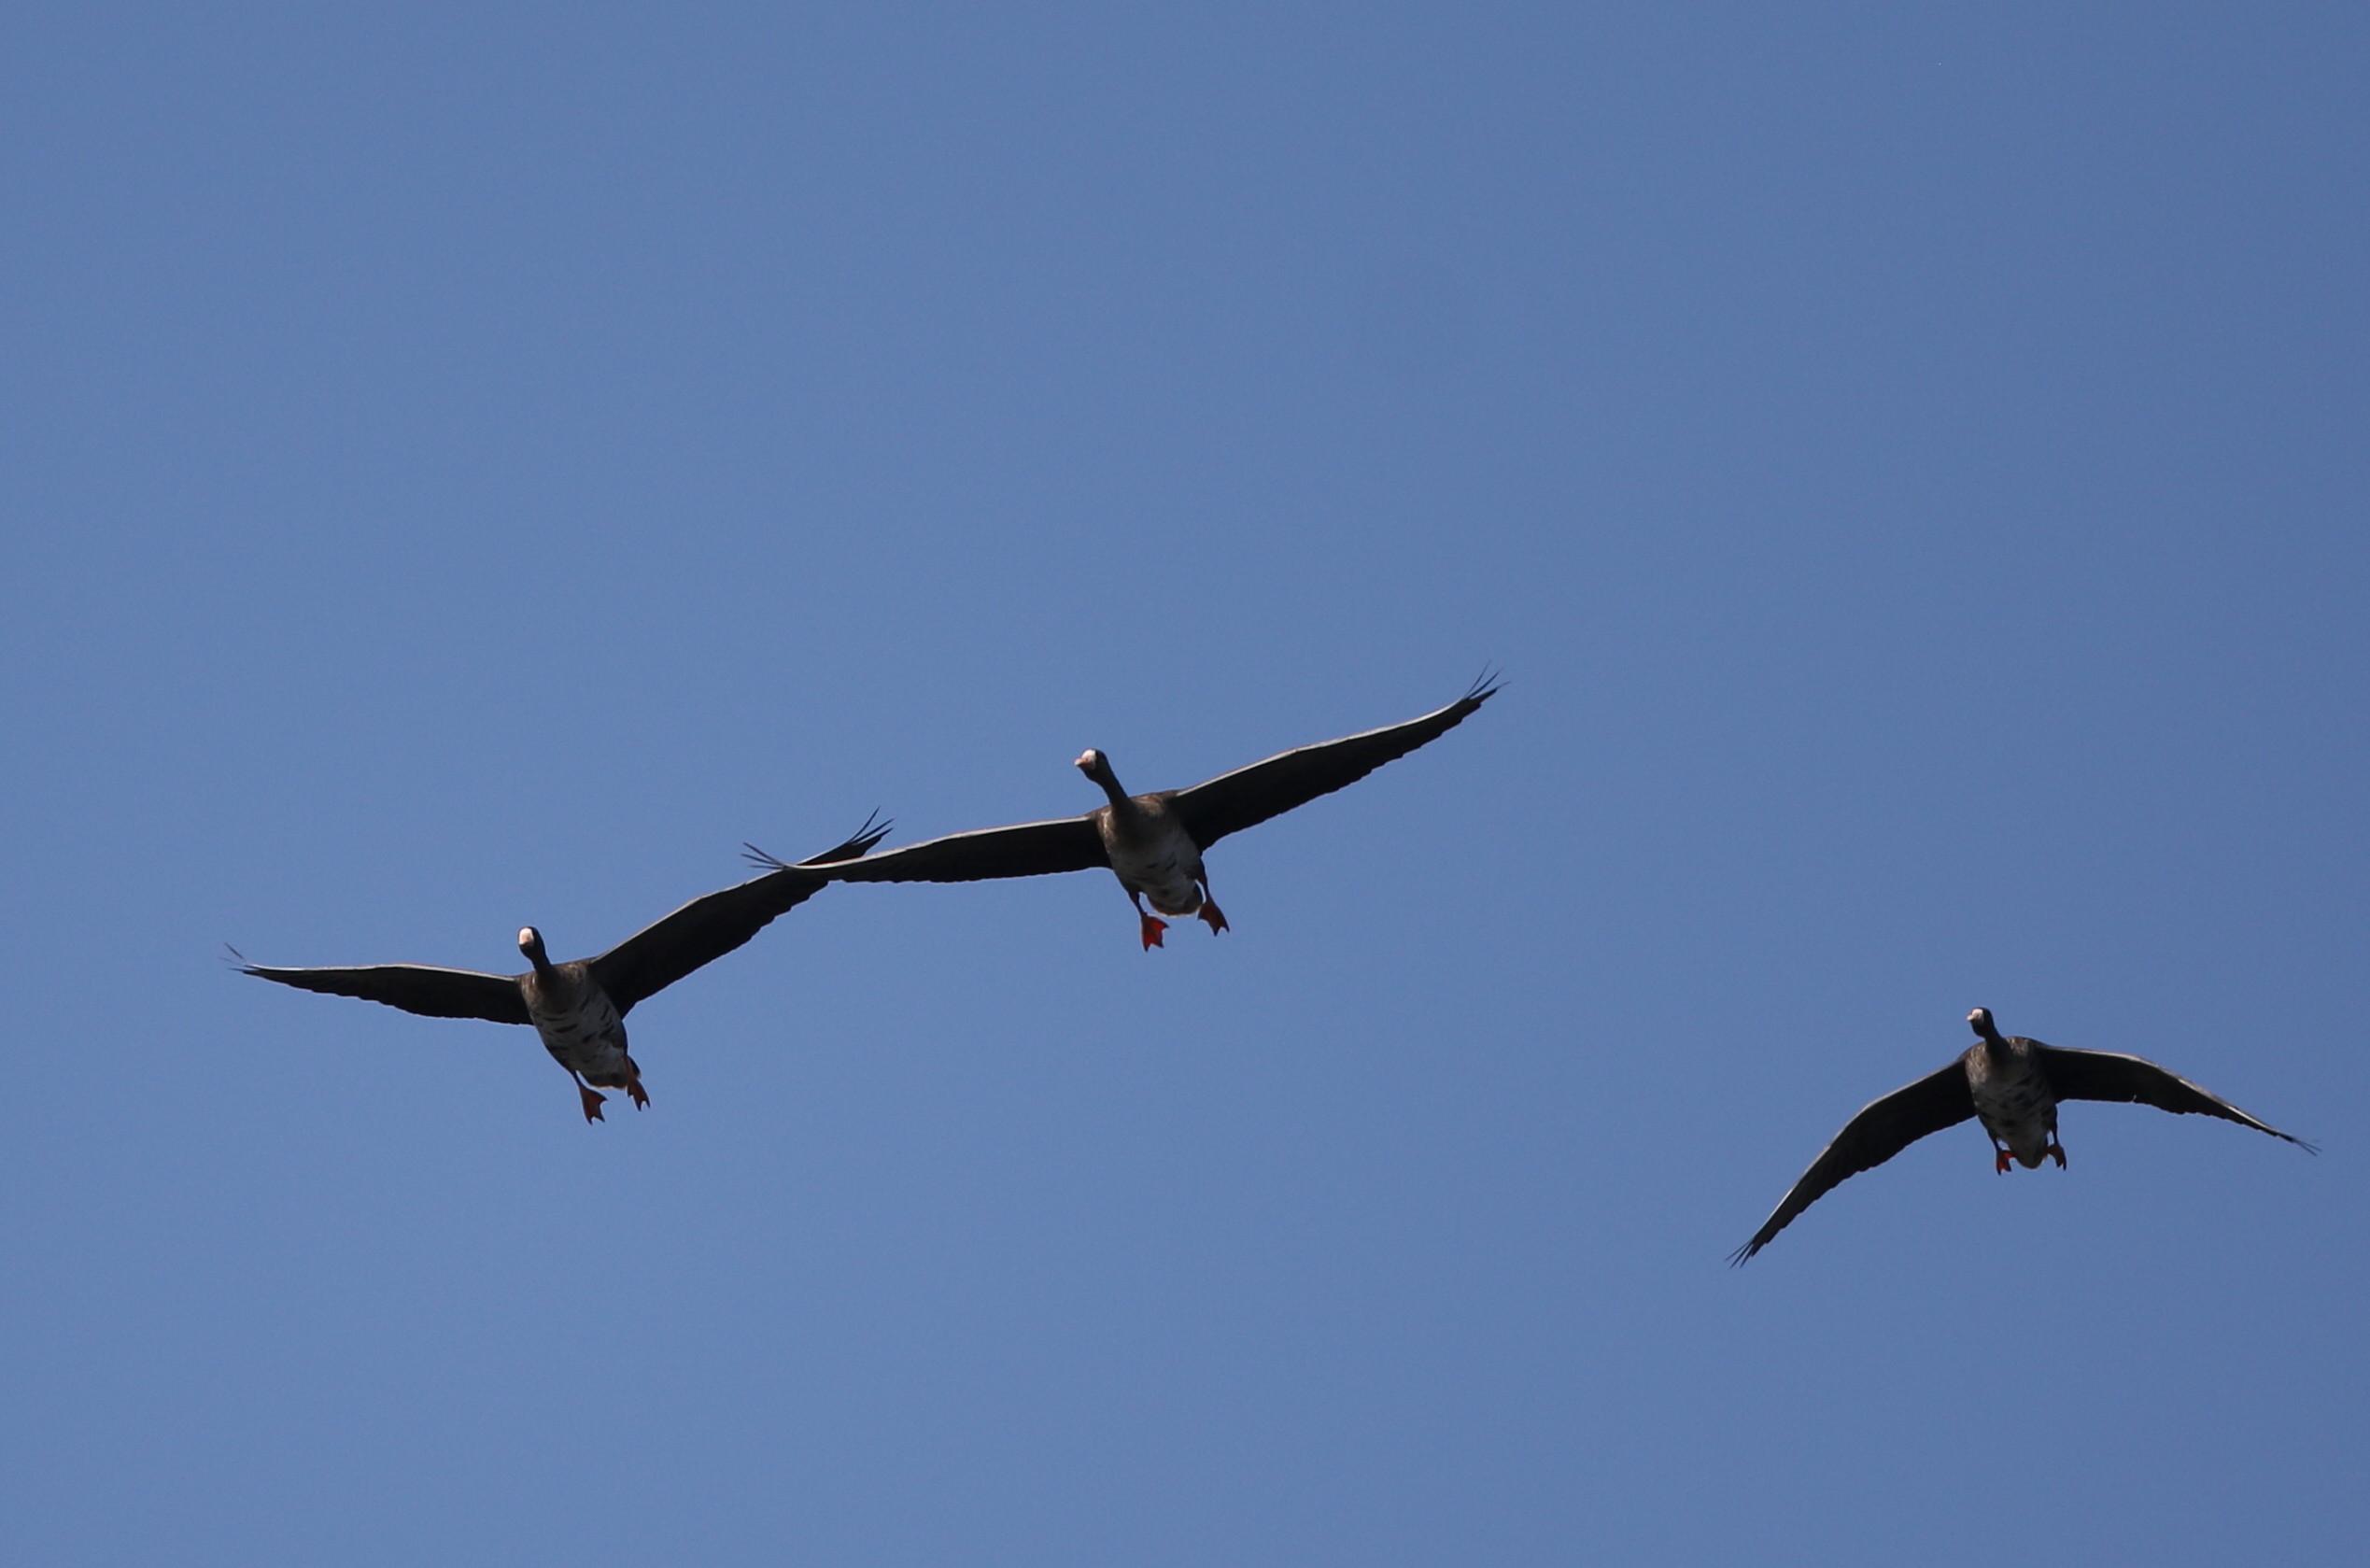 MFの沼へマガンが3羽飛来上空を旋回し飛び去る_f0239515_17324611.jpg